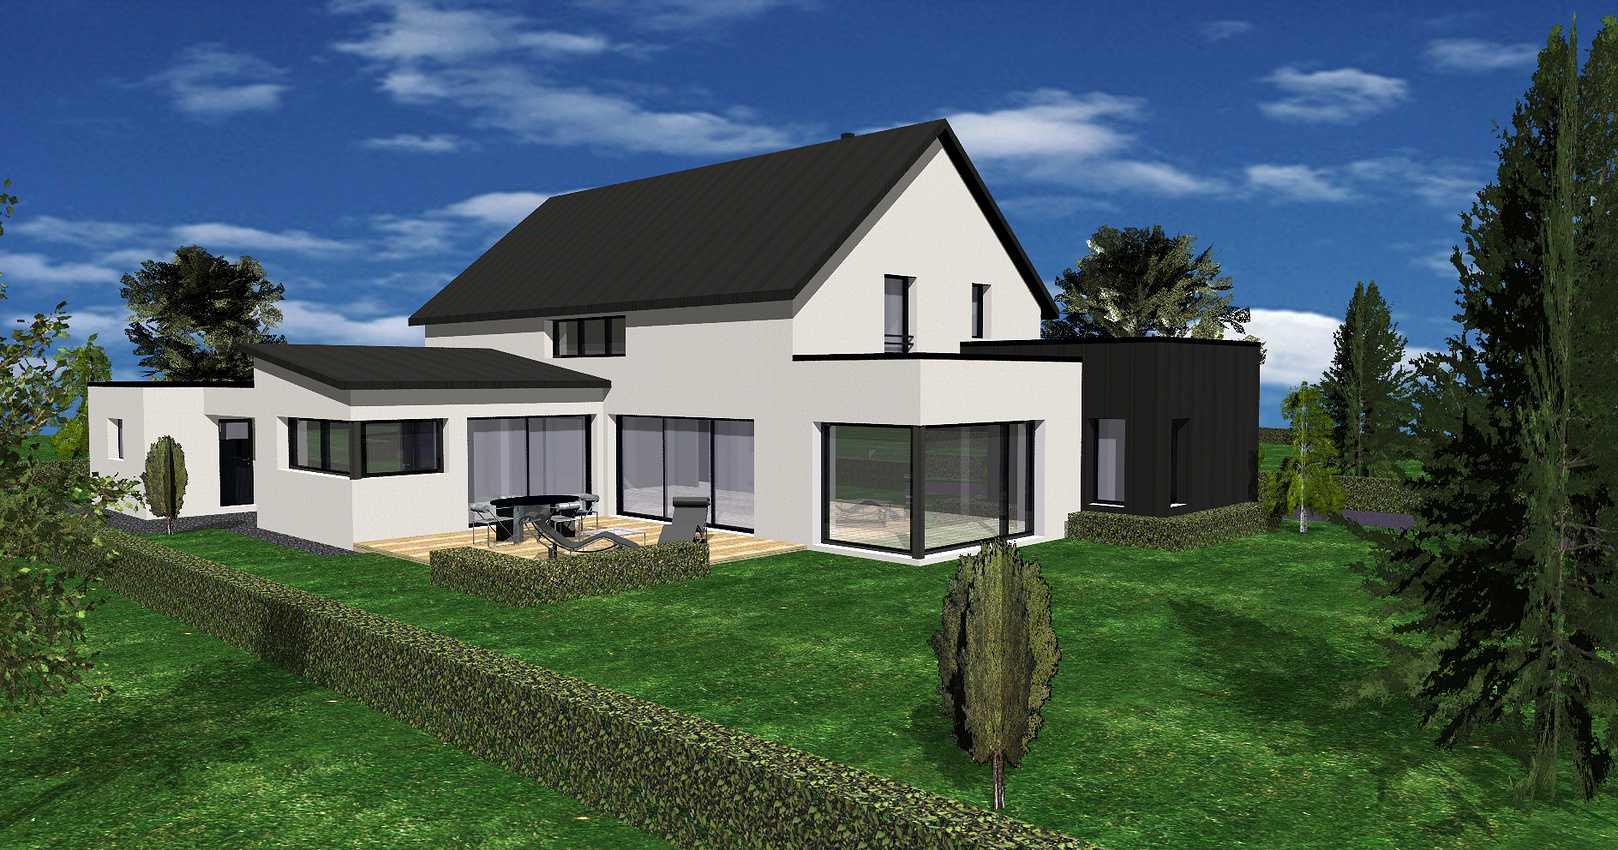 Projet construction maison - Binic 0